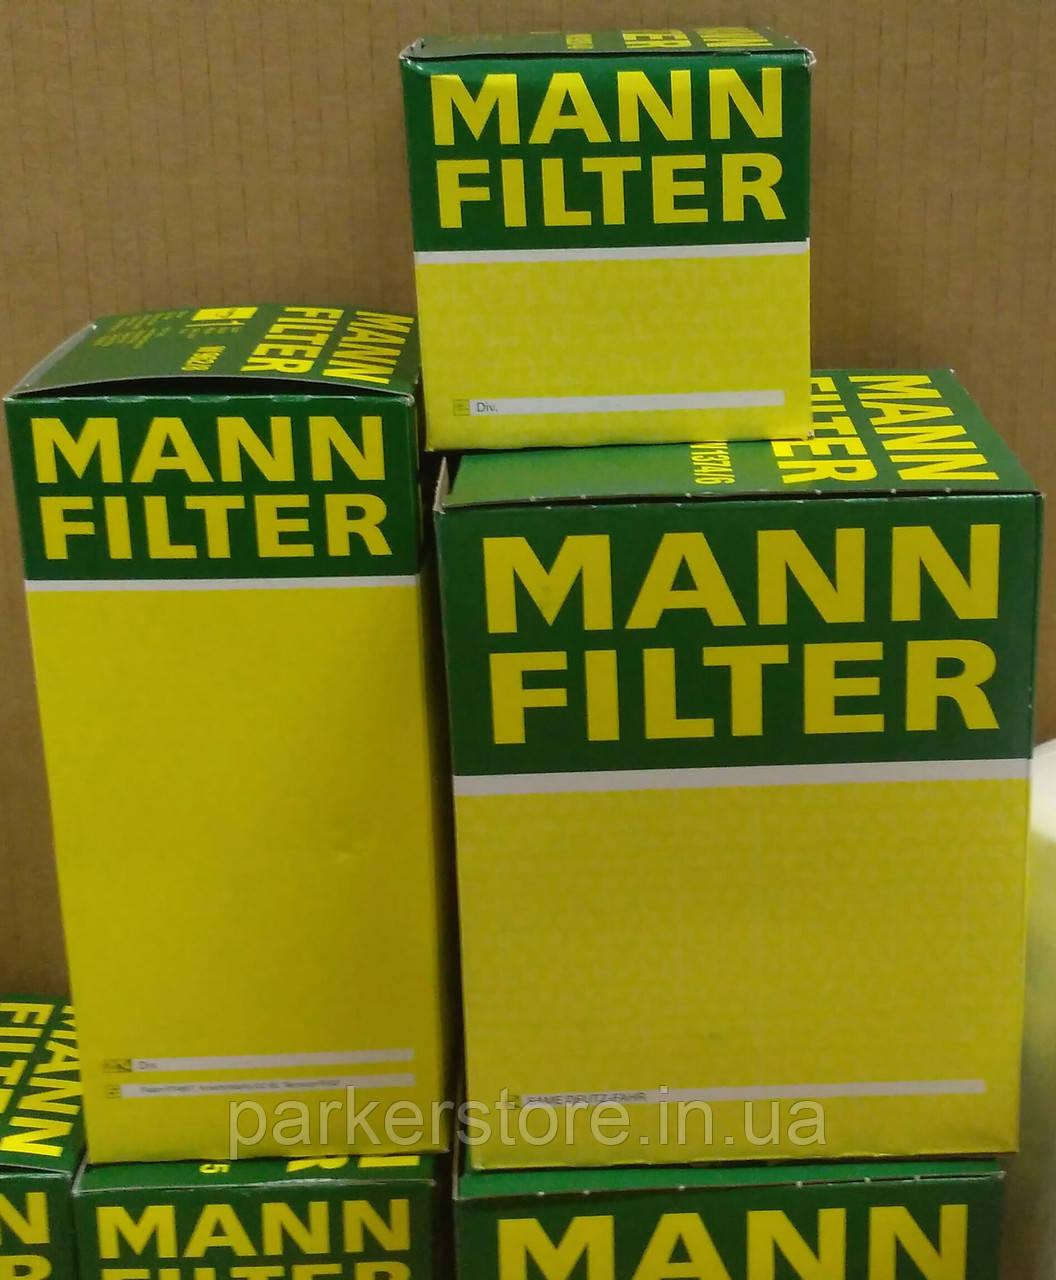 MANN FILTER / Повітряний фільтр / C 1213 / C1213